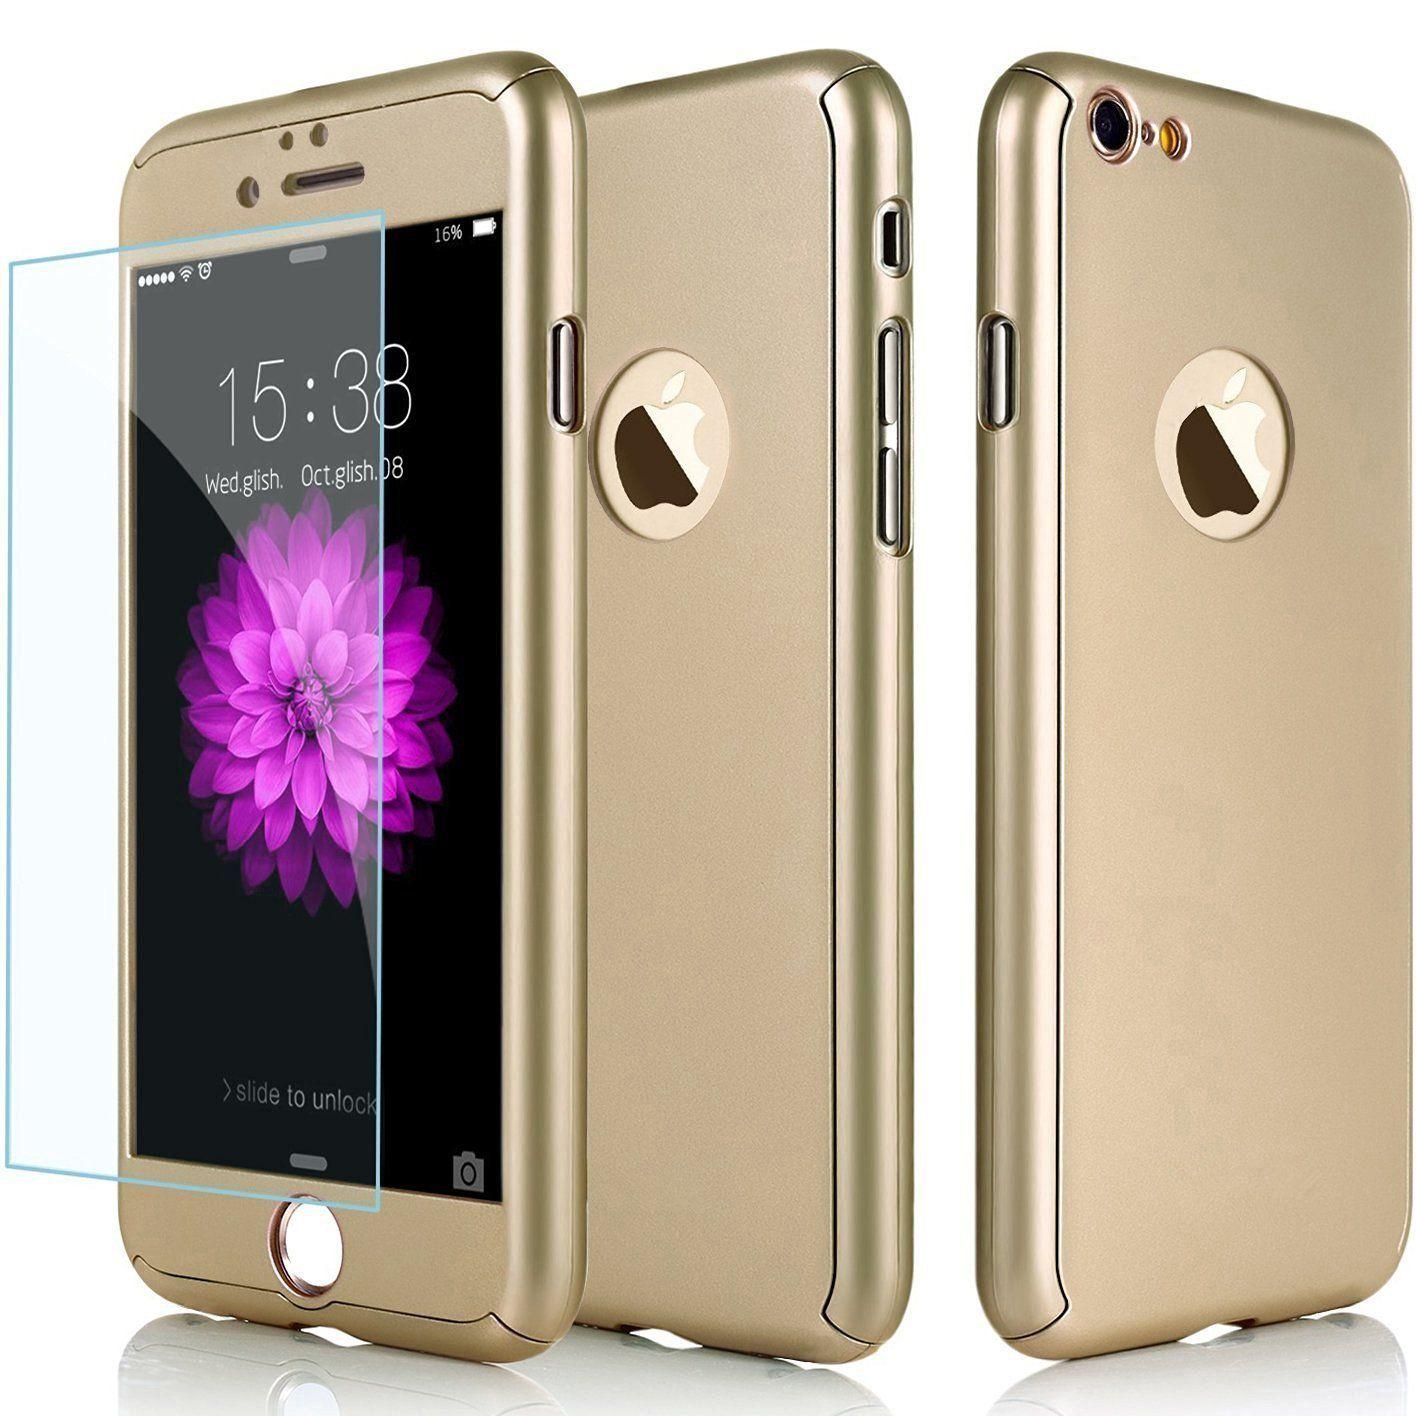 Apple iPhone 6 6S 4.7